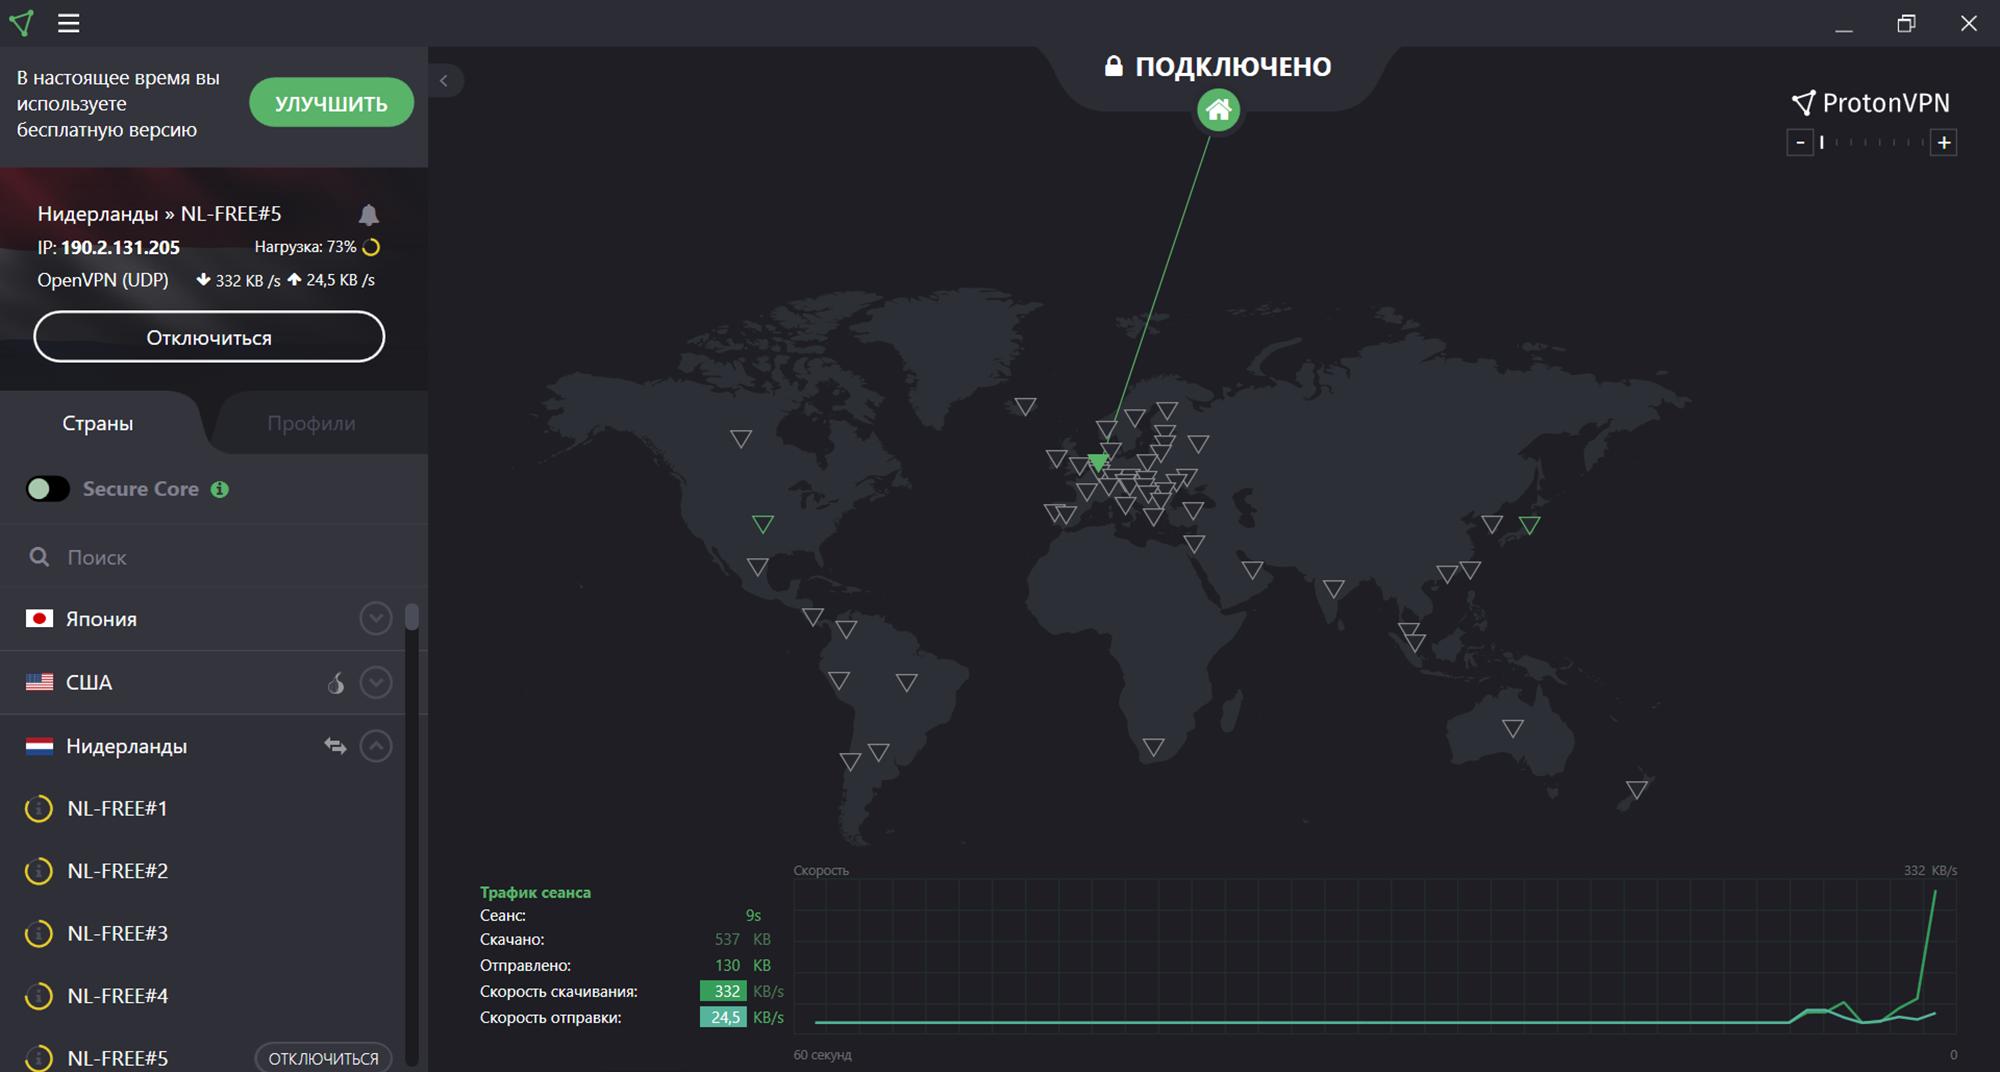 Теперь выберите страну, гденаходится VPN-сервер. Клиент сразу же соединит вас с нужным сервером